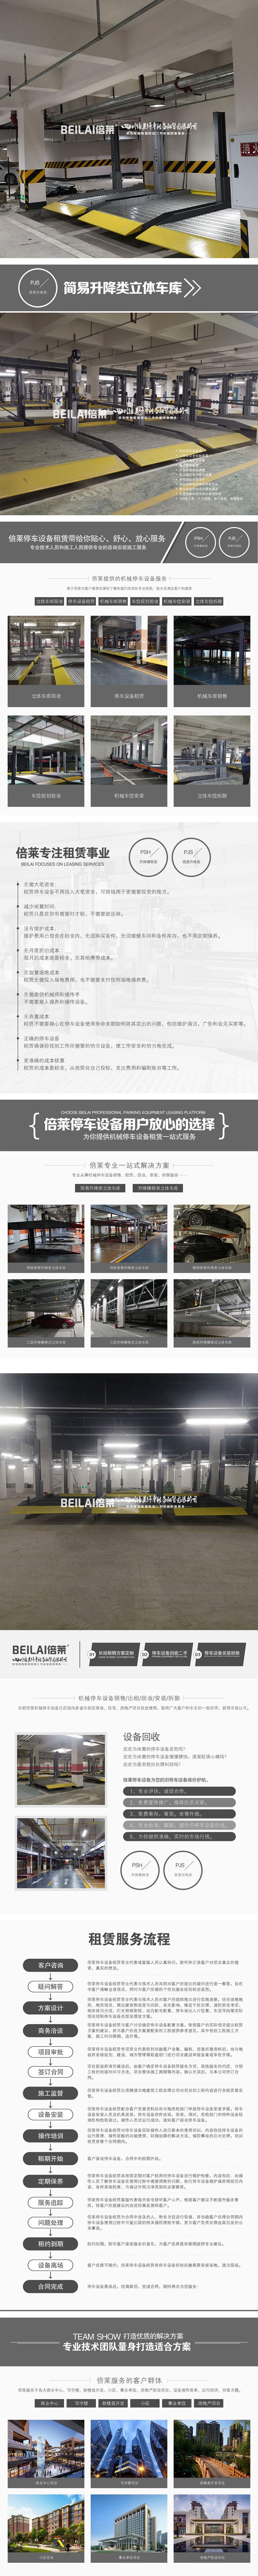 貴陽停車設備回收南溪立體車庫倍萊機械車位